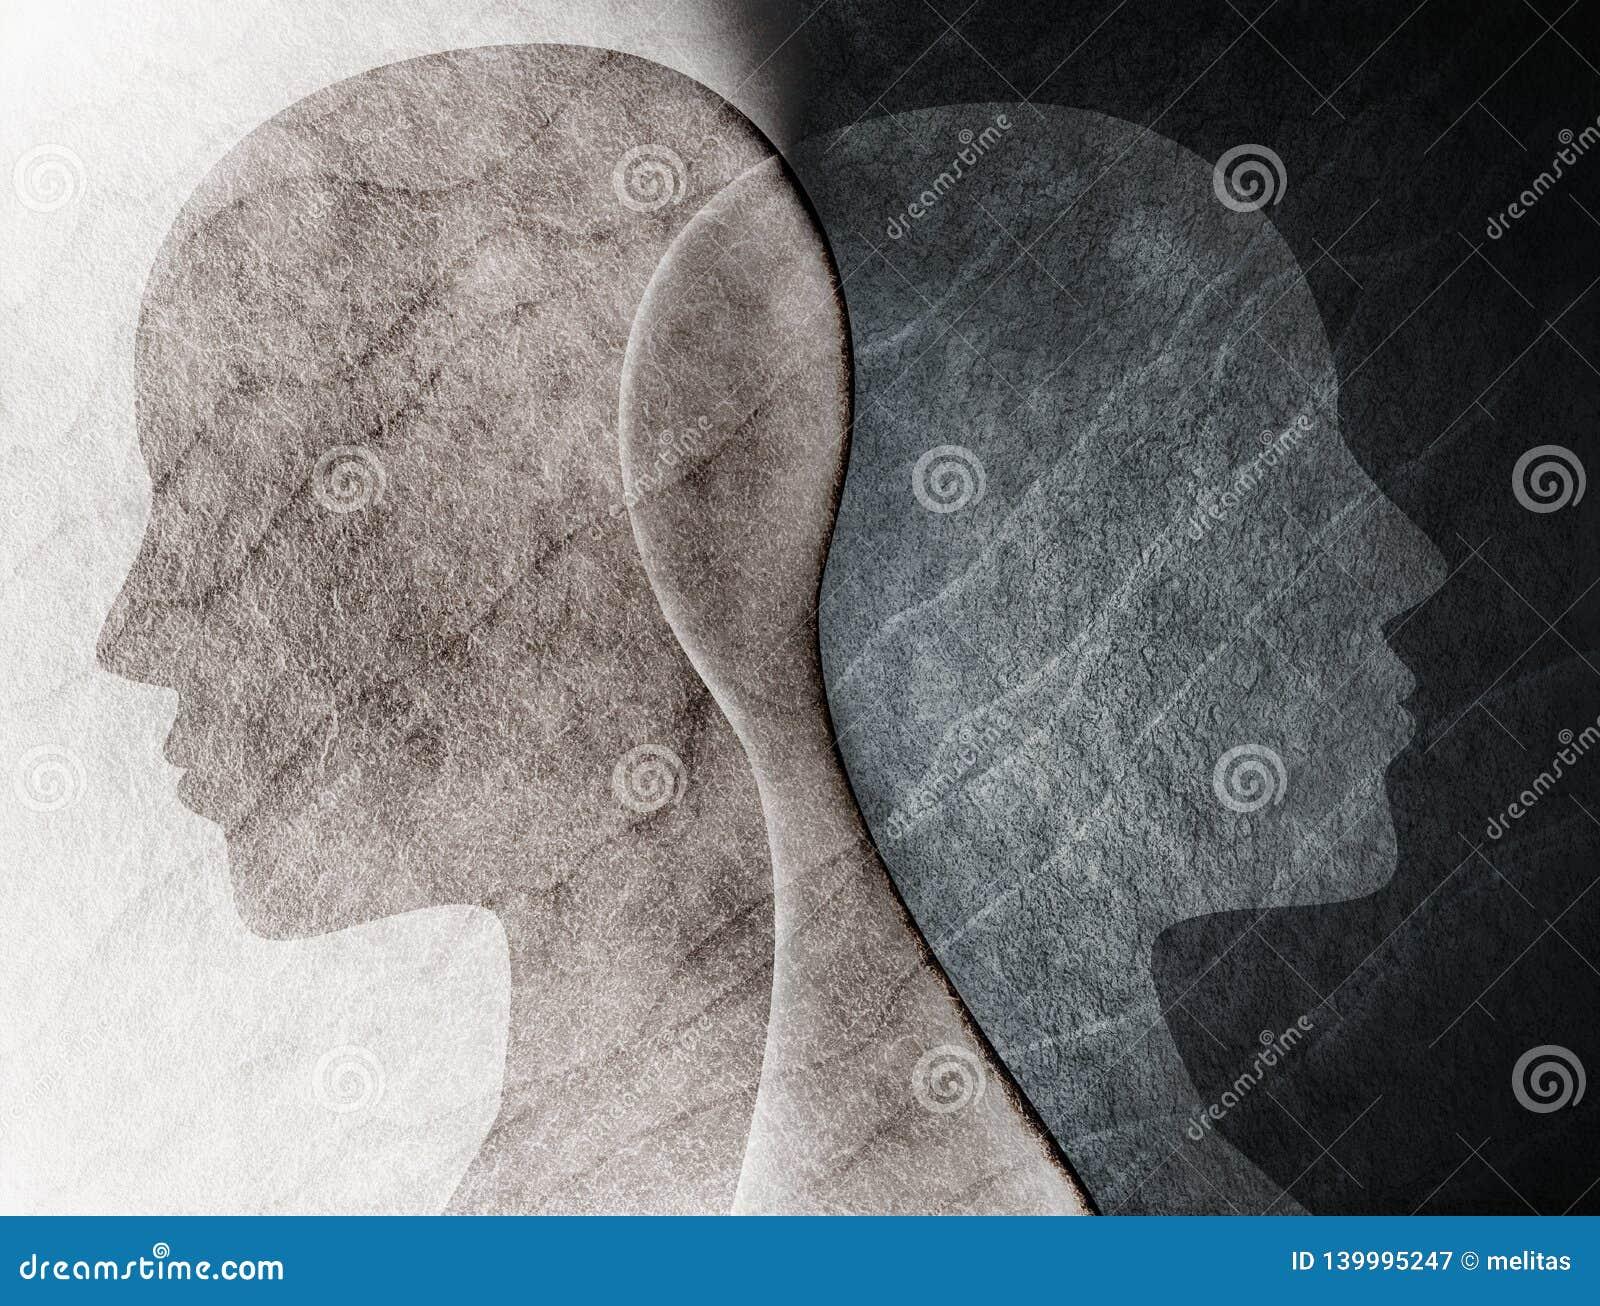 Dwubiegunowego nieładu umysłu umysłowy pojęcie Zmiana nastrój emocje Rozszczepiona osobowość twarzy podwójna dziewczyna ja osobow